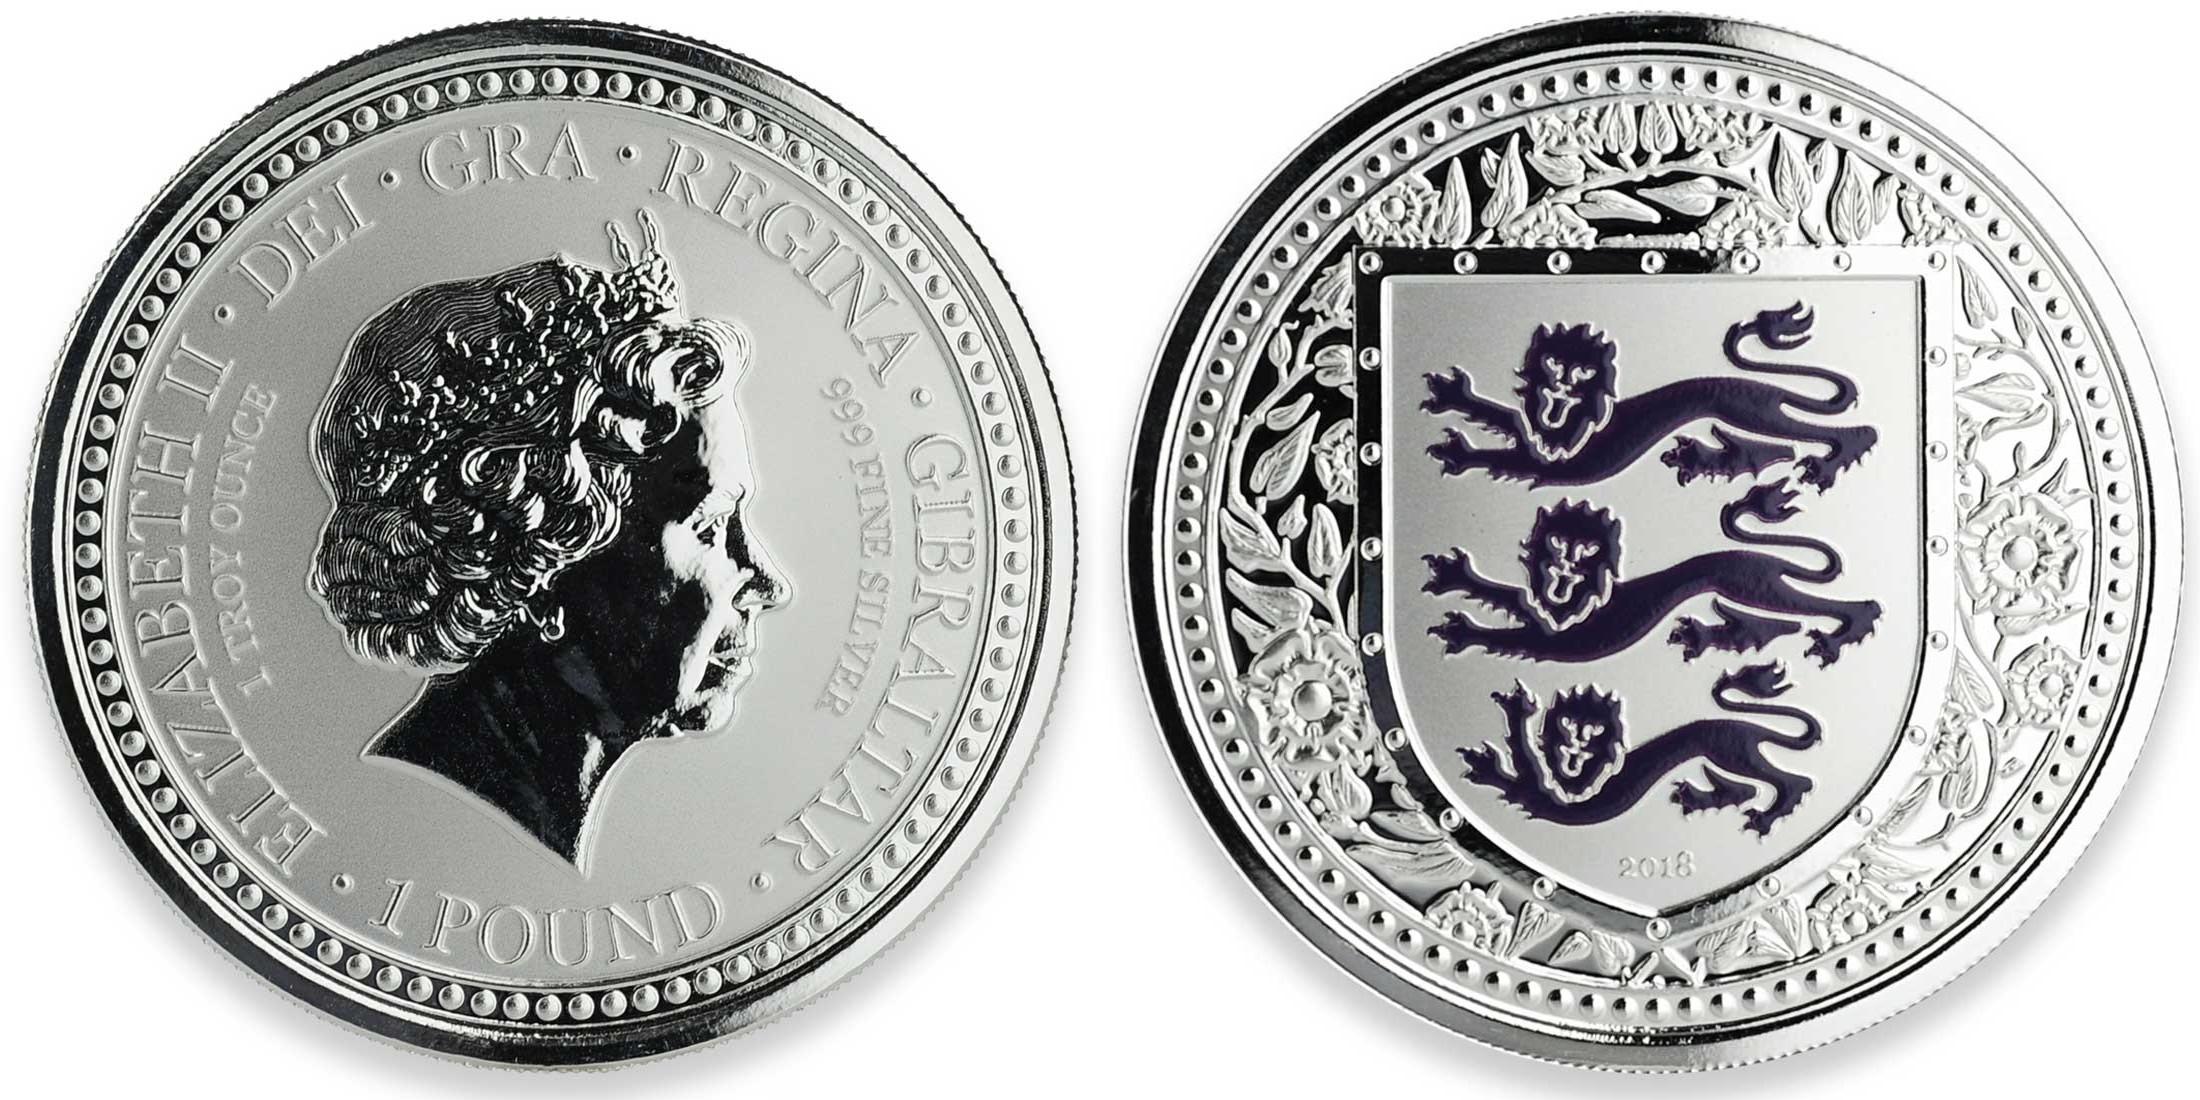 gibraltar 2018 armes royales d'angleterre violet